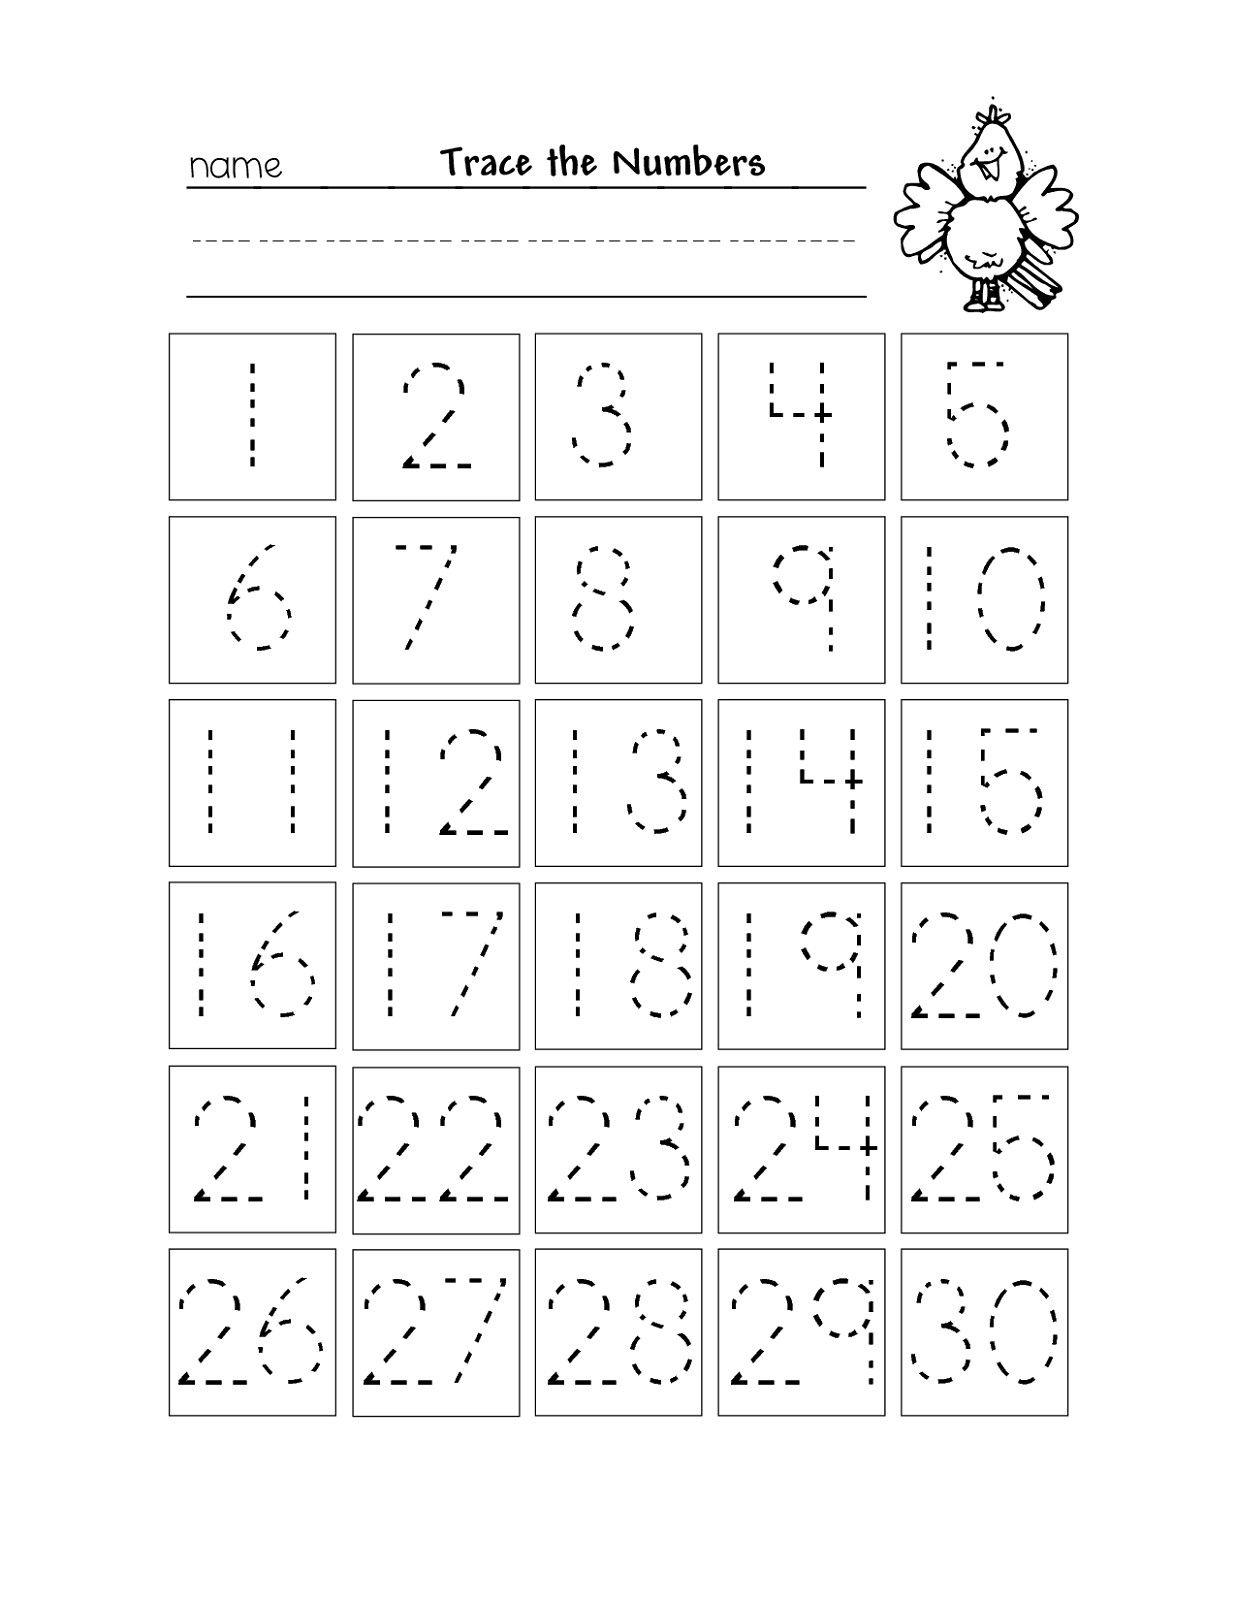 7 Number Tracing Worksheet 3 In 2020 | Free Printable